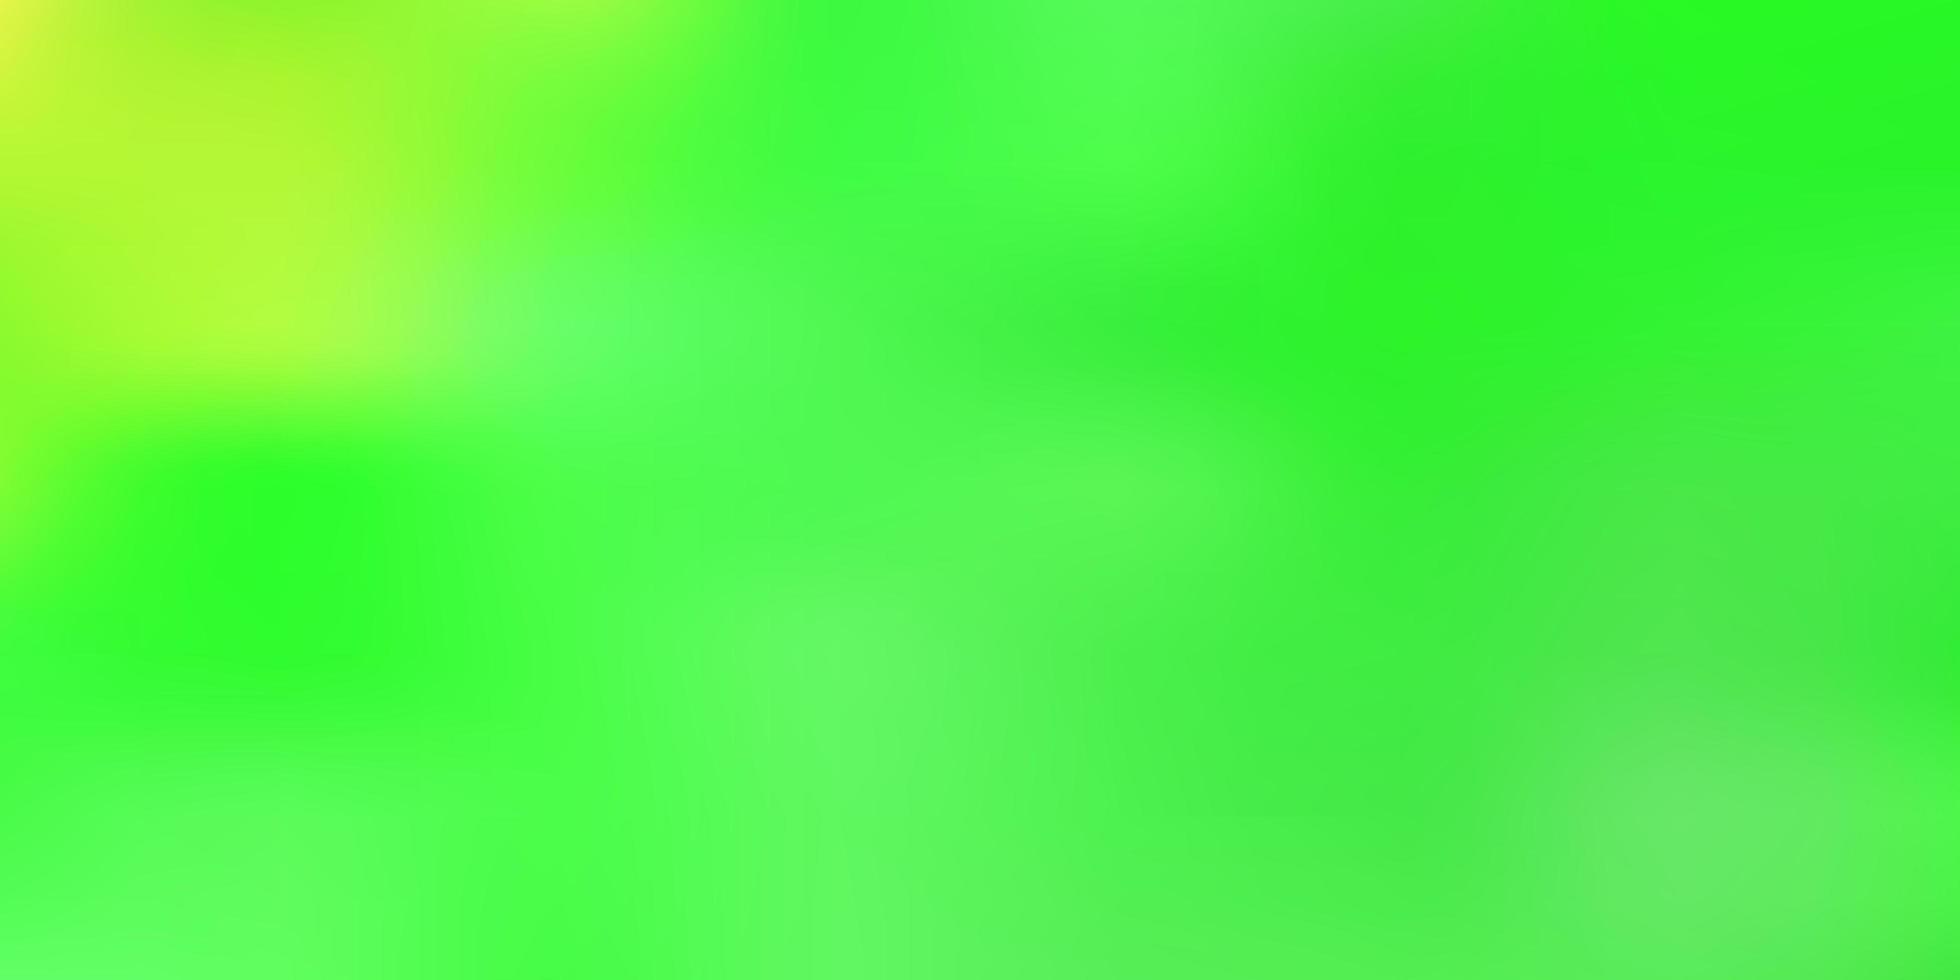 padrão de desfoque gradiente verde. vetor